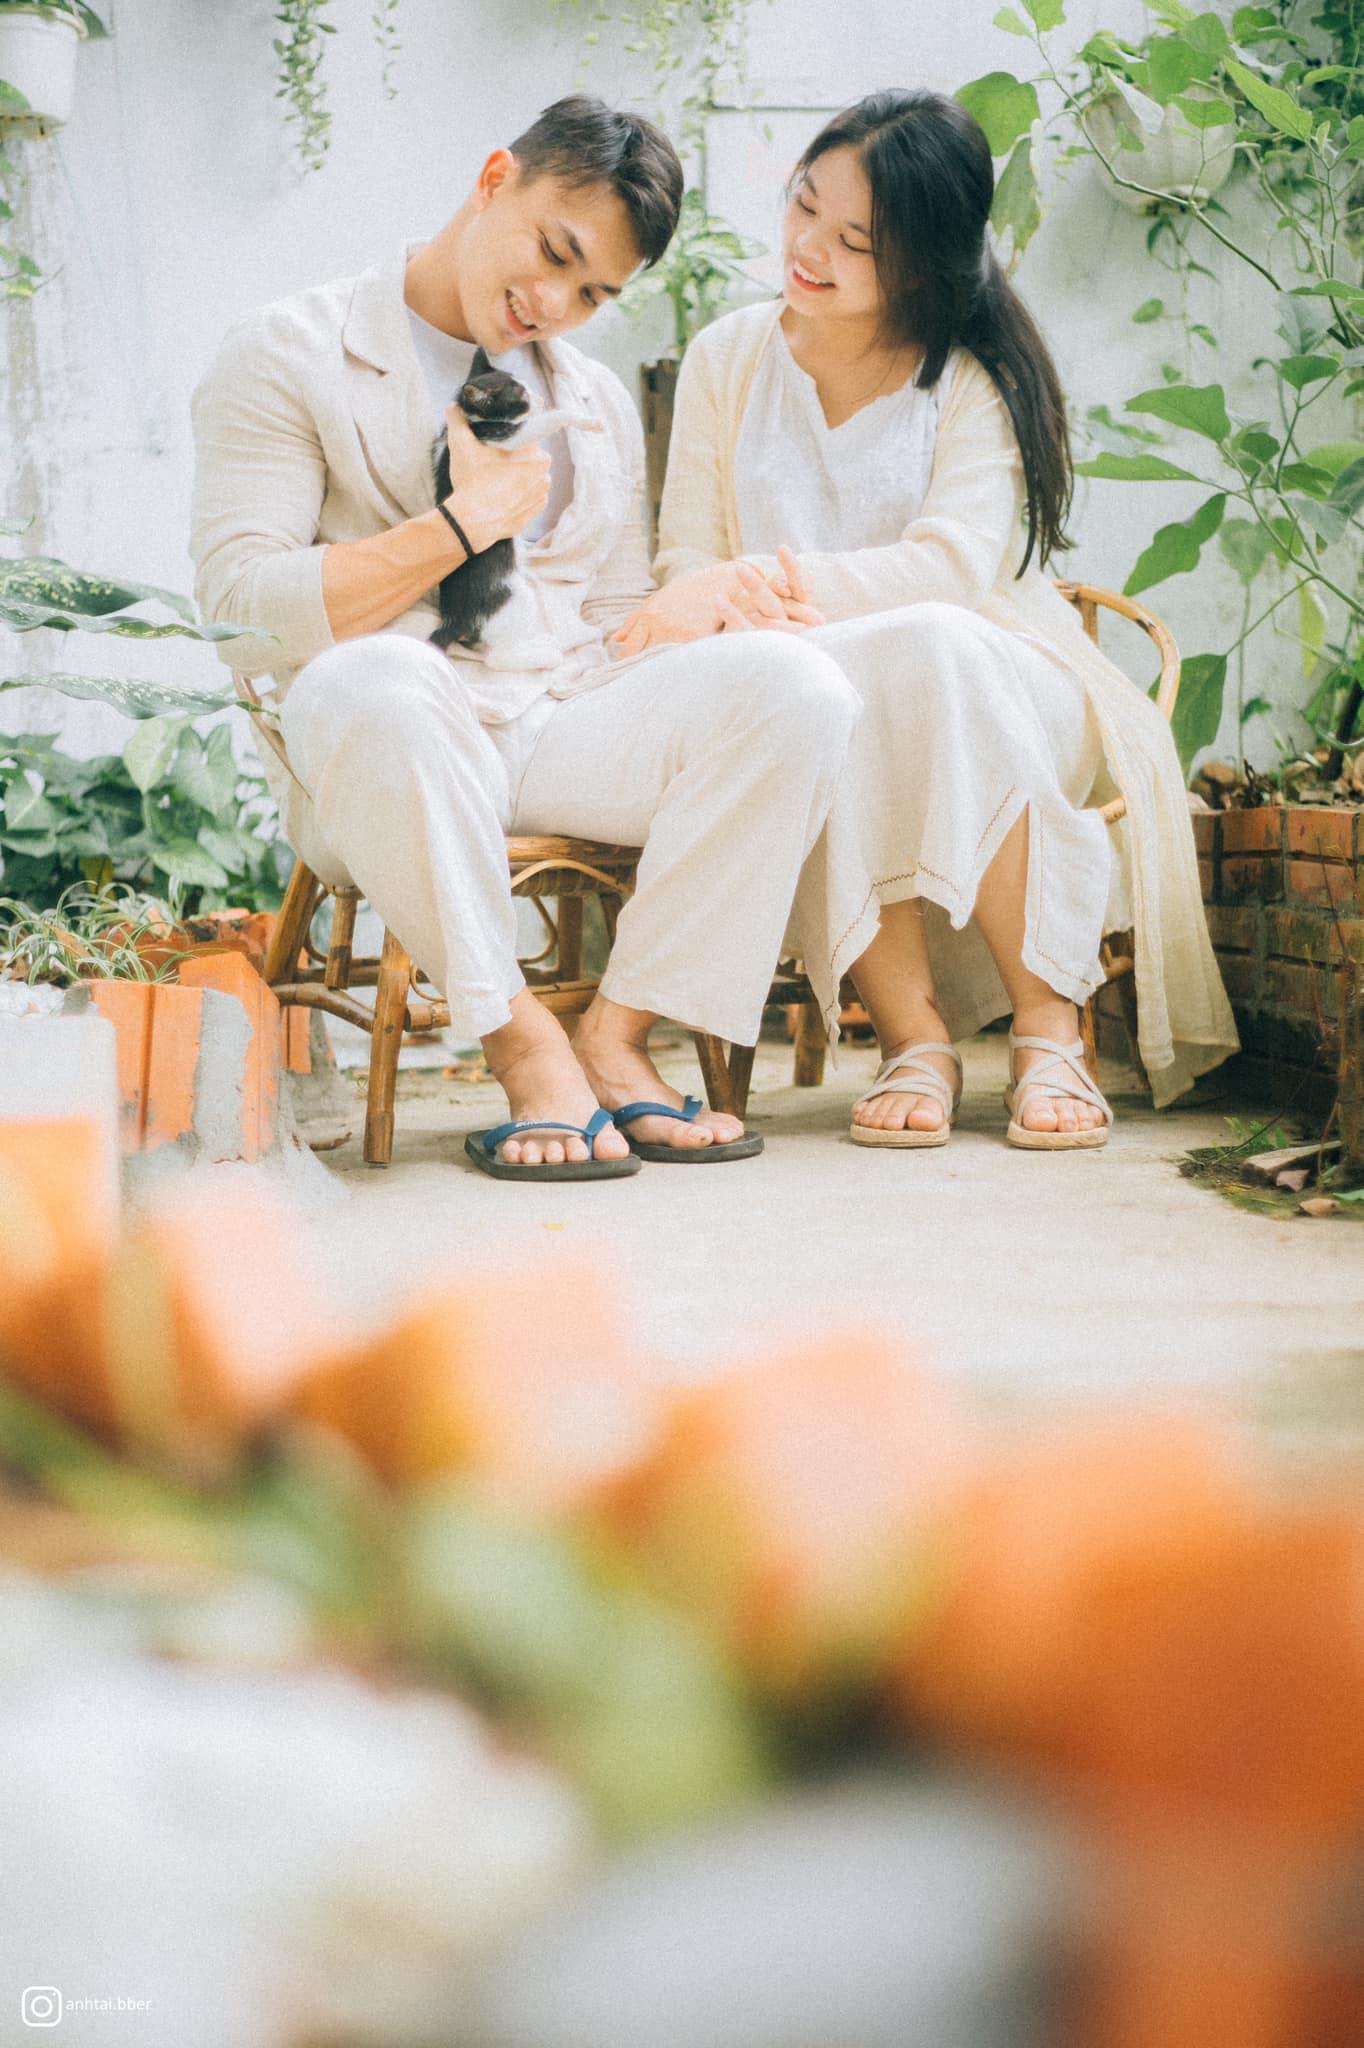 Sát cánh cùng cô là người bạn đời luôn hiểu và đồng thuận mọi việc làm của vợ (Ảnh nhân vật cung cấp)